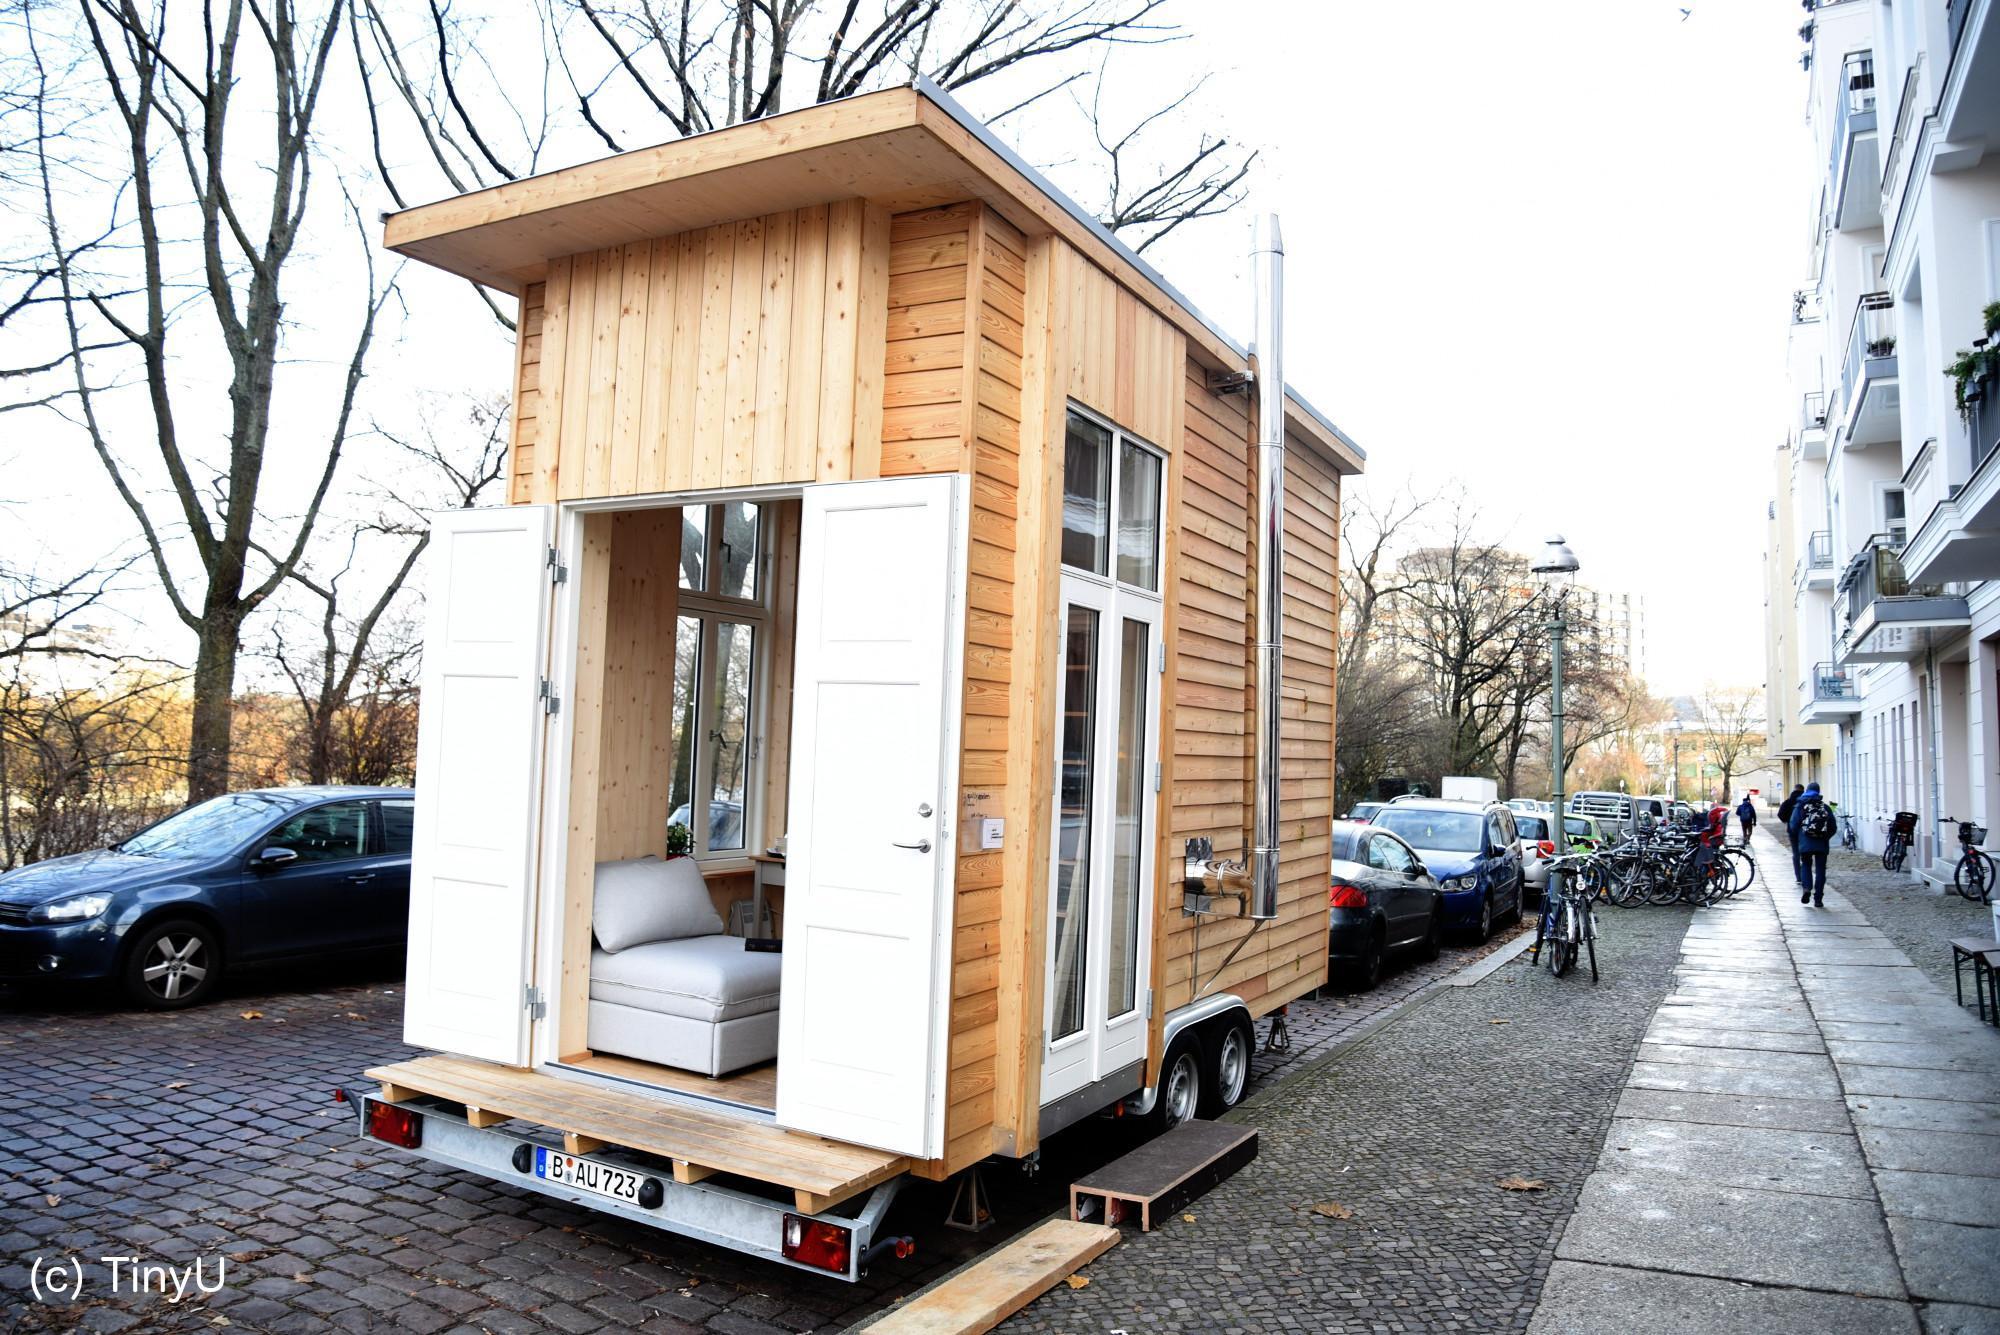 leben im minihaus tiny house als weltweite bewegung designbote. Black Bedroom Furniture Sets. Home Design Ideas